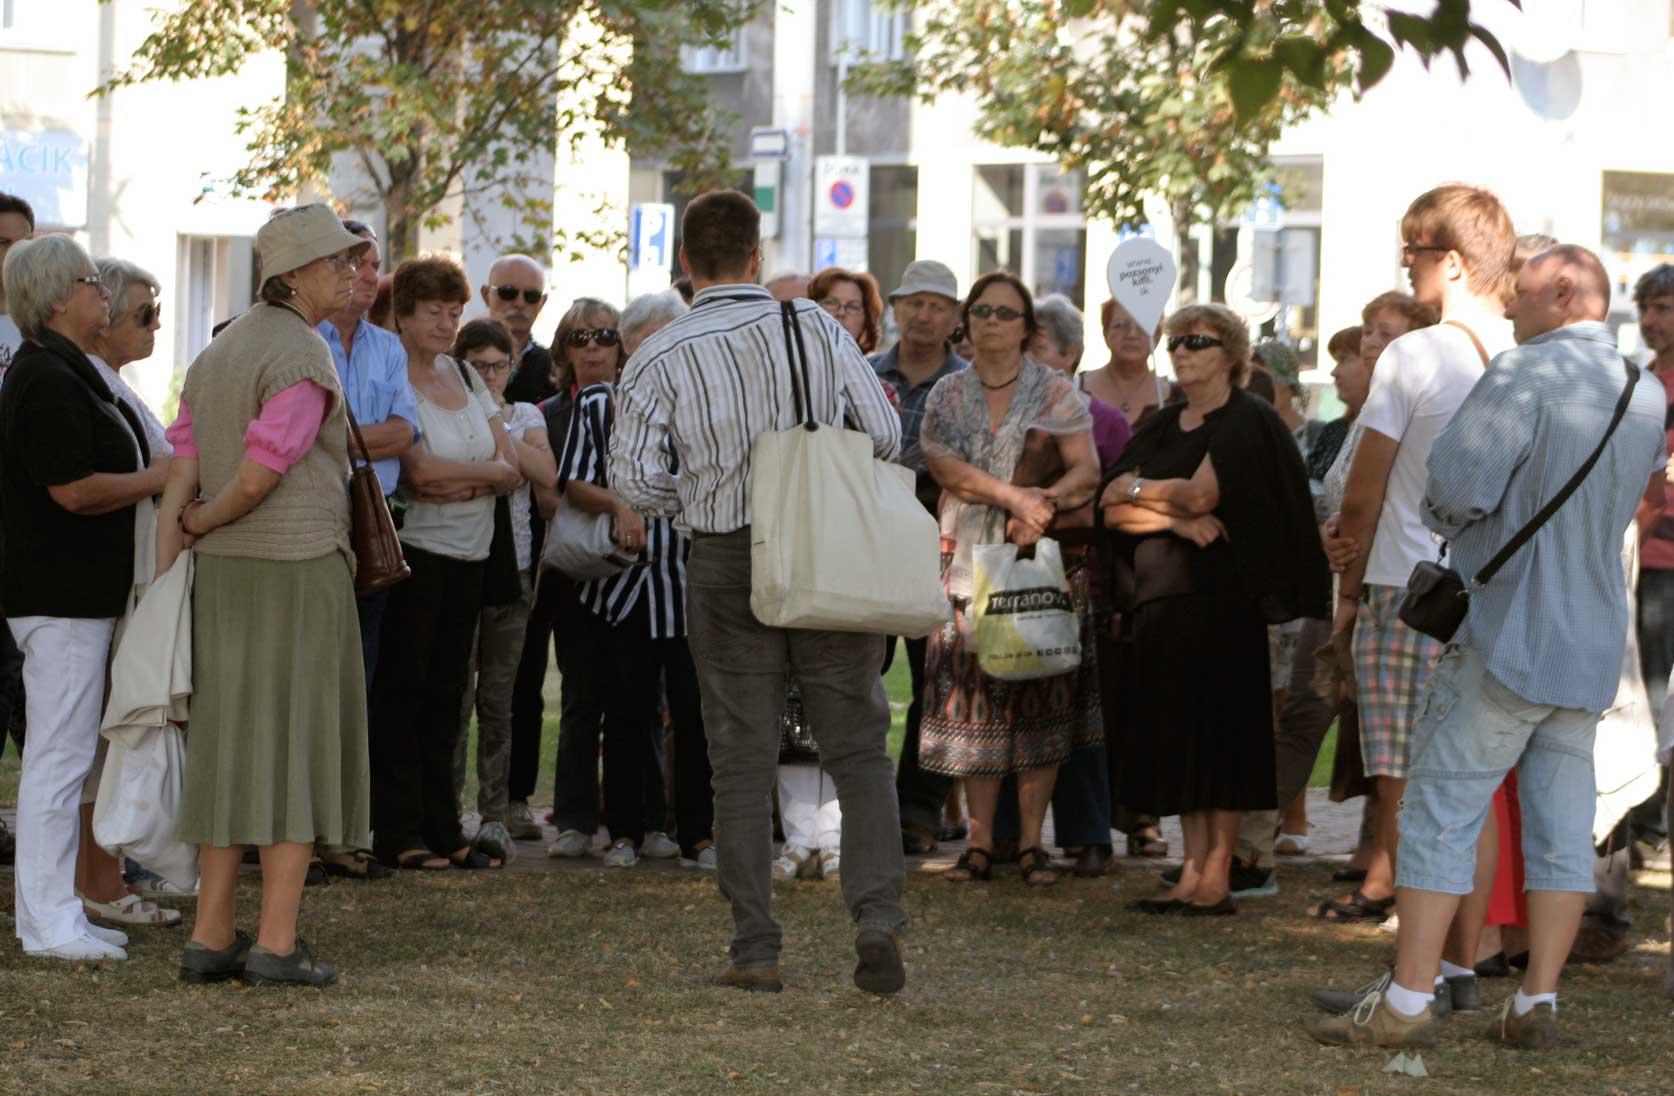 Zsinagóga és zsidó közösségi múzeum